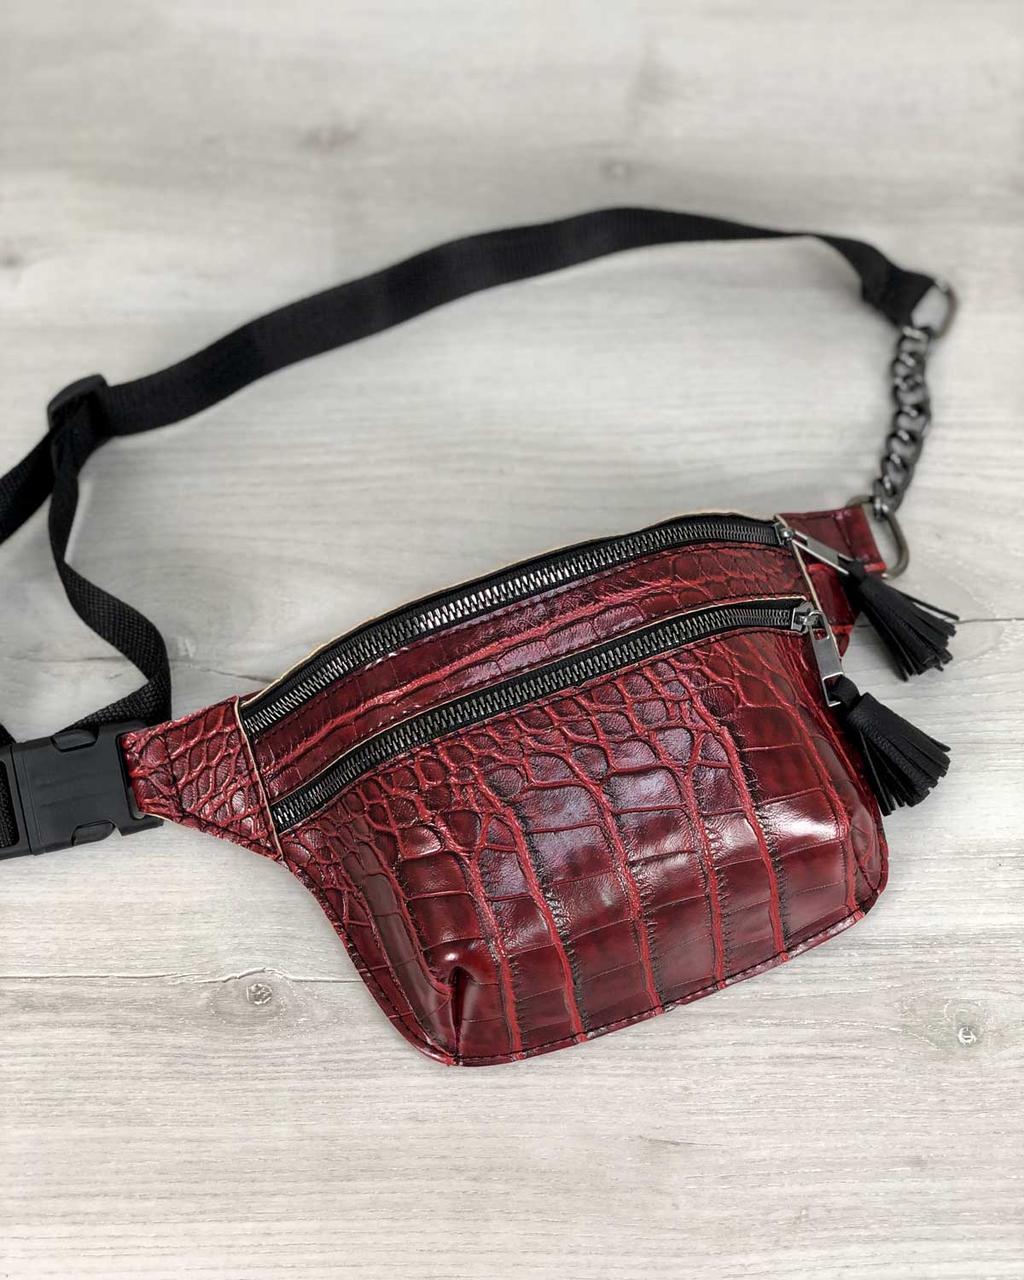 Женская сумка-бананка на пояс бордовая под крокодила